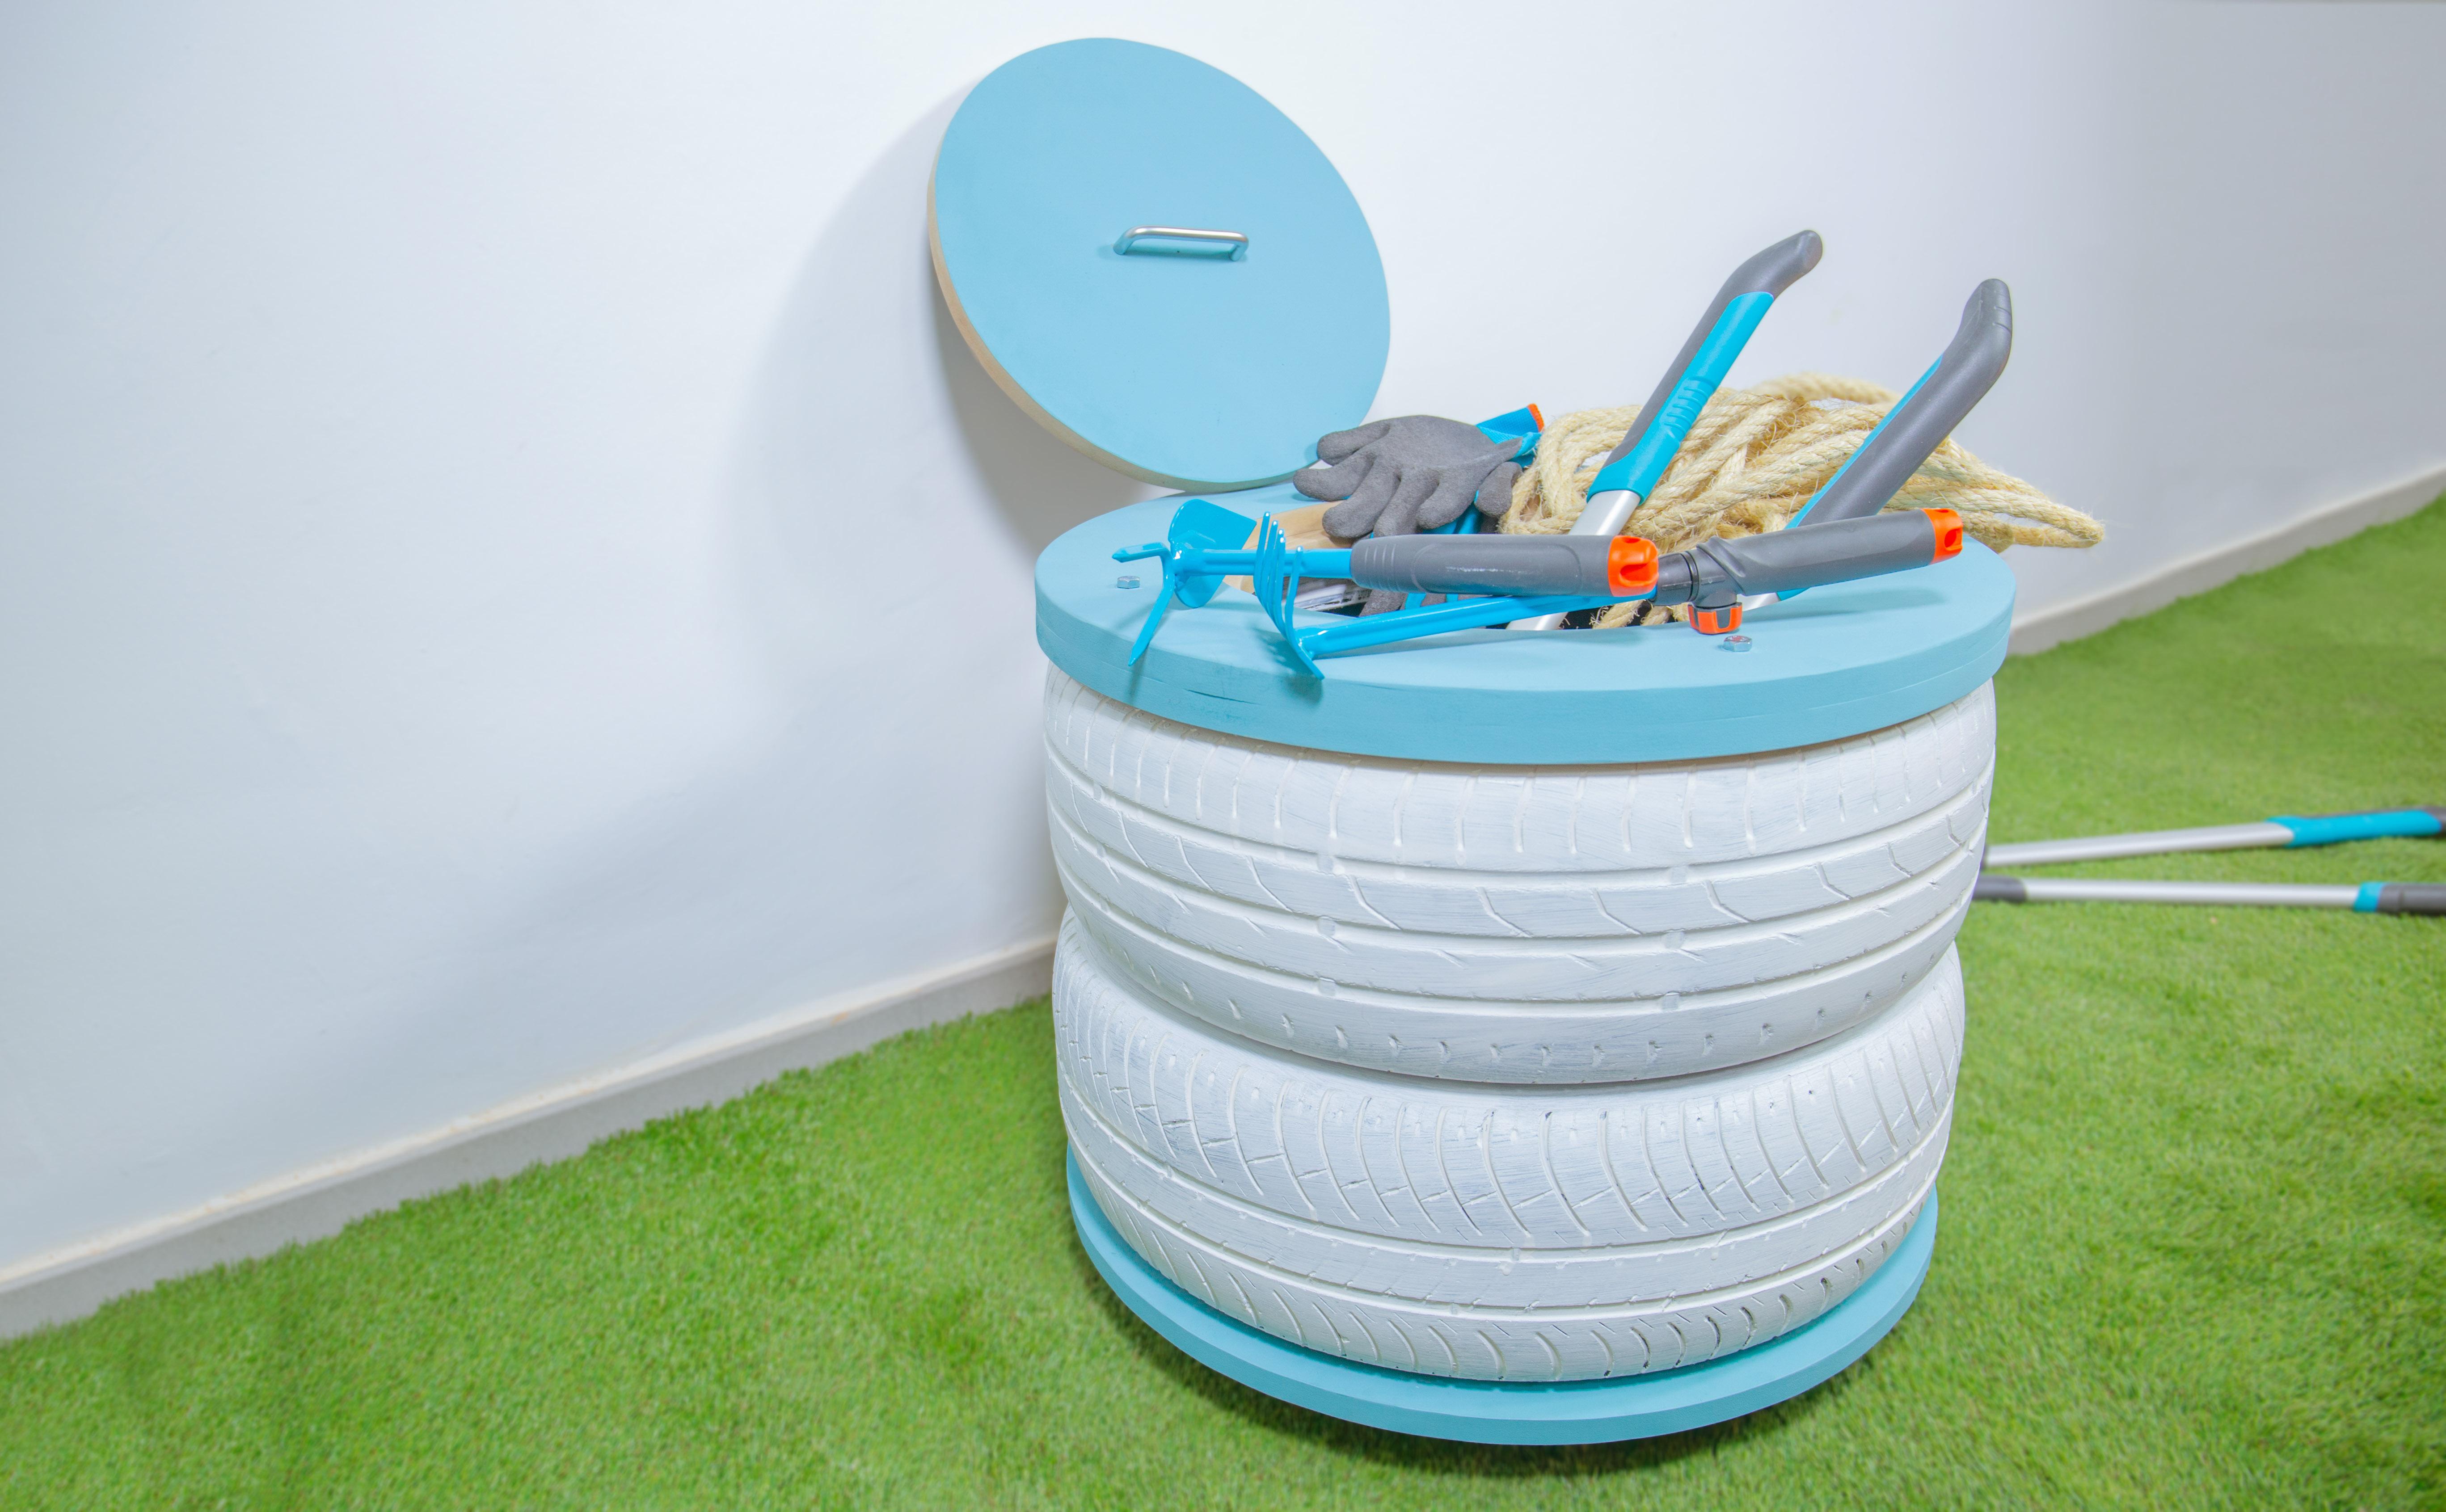 Pintar Neumaticos Usados Como Reciclar Neumaticos Usados De Coche  # Muebles Con Neum?ticos